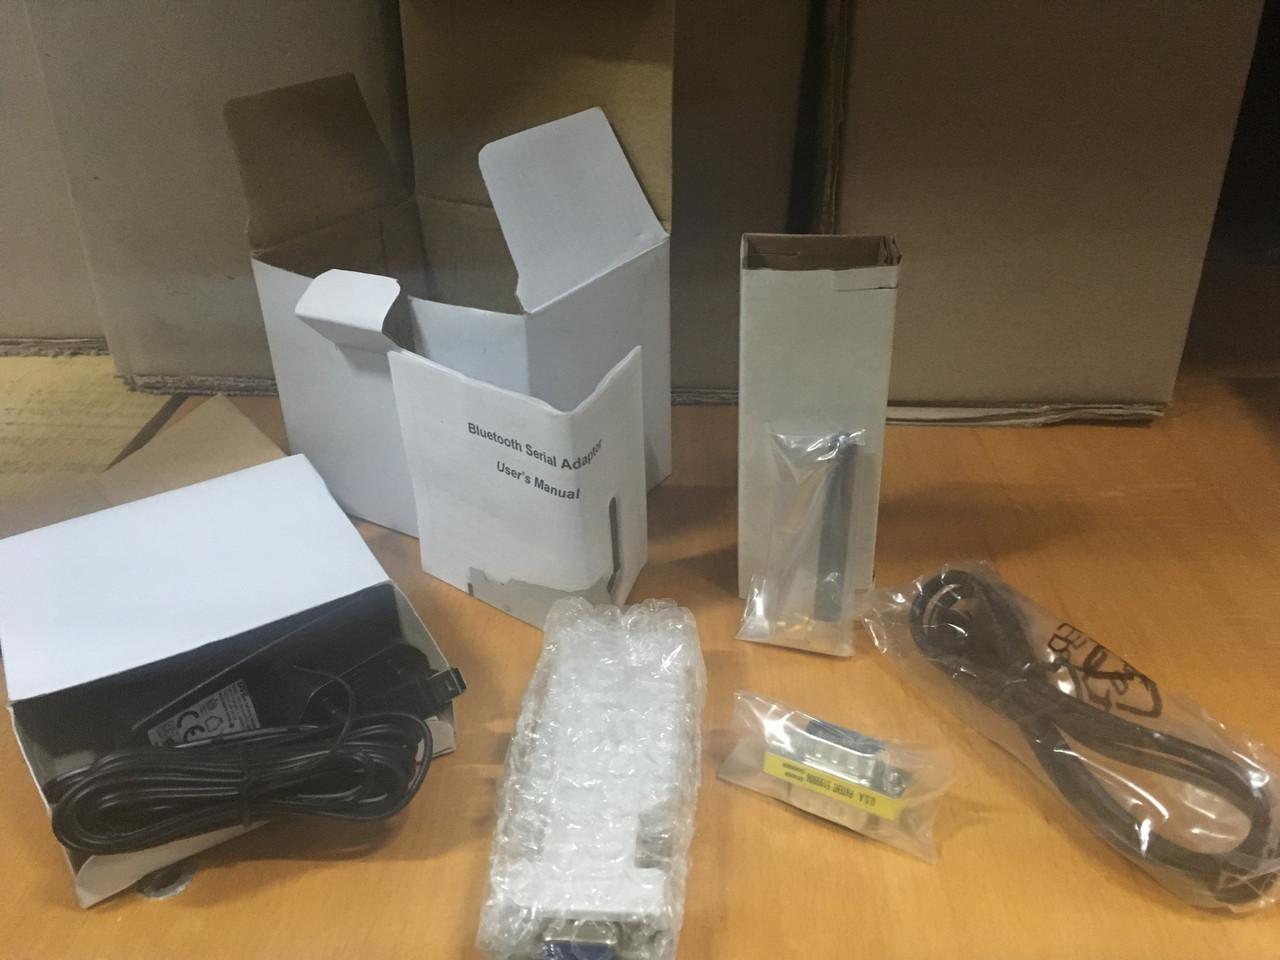 Bluetooth com зовнішній порт Rs232. Коробочний комплект